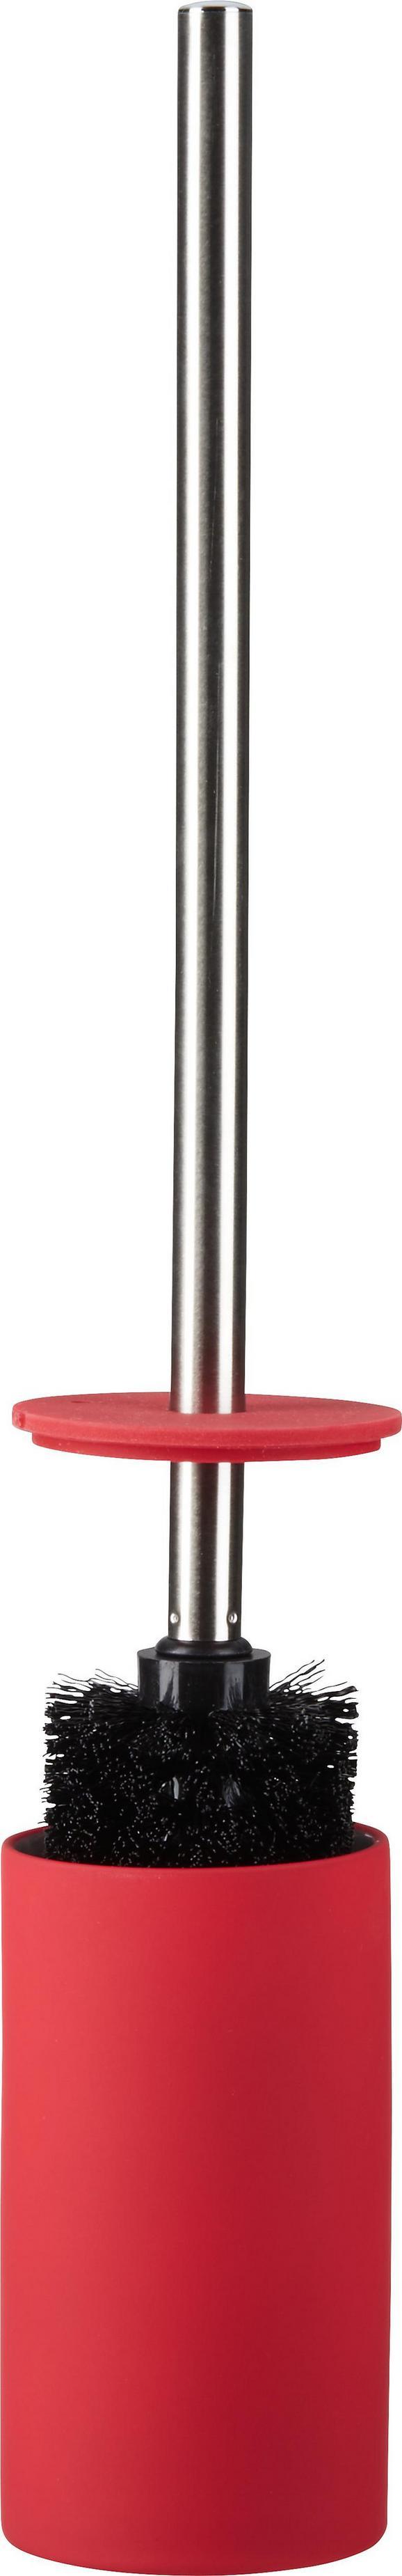 WC-Bürste Melanie in Rot - Silberfarben, Kunststoff/Metall (8/45cm) - Mömax modern living